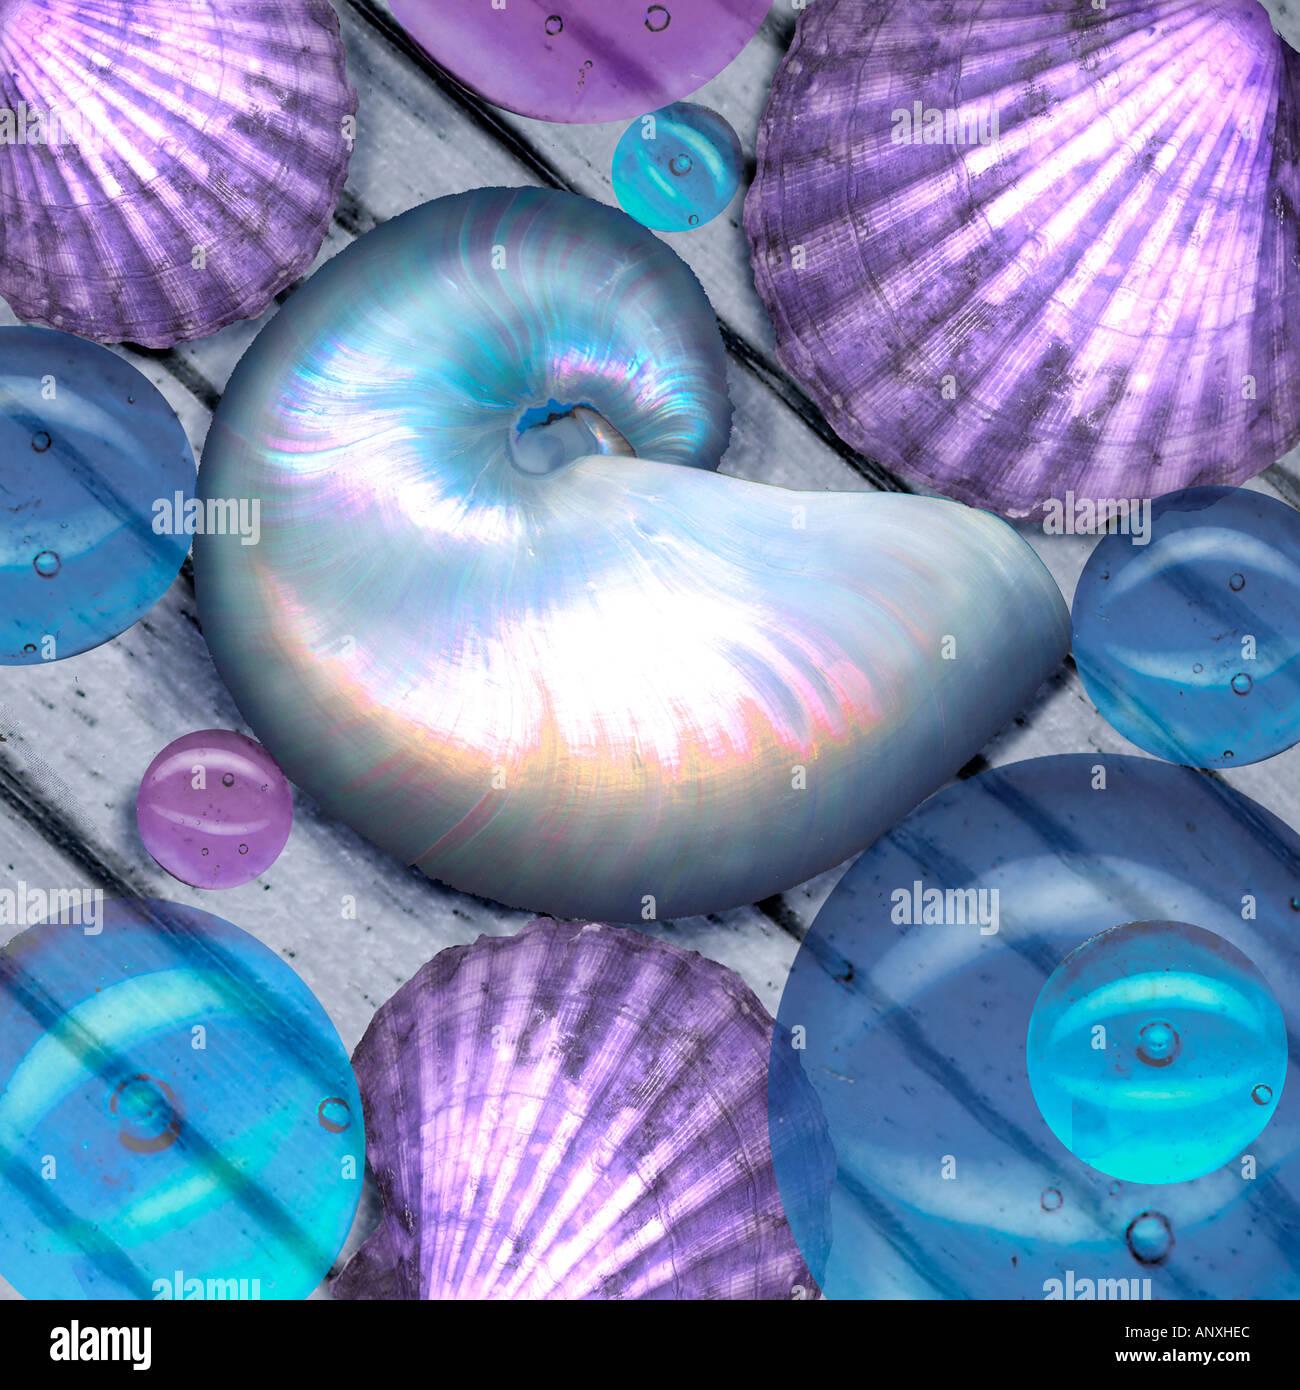 Still life conchas burbujas sobre tablones de madera foto gráfica ilustración nautilus Imagen De Stock